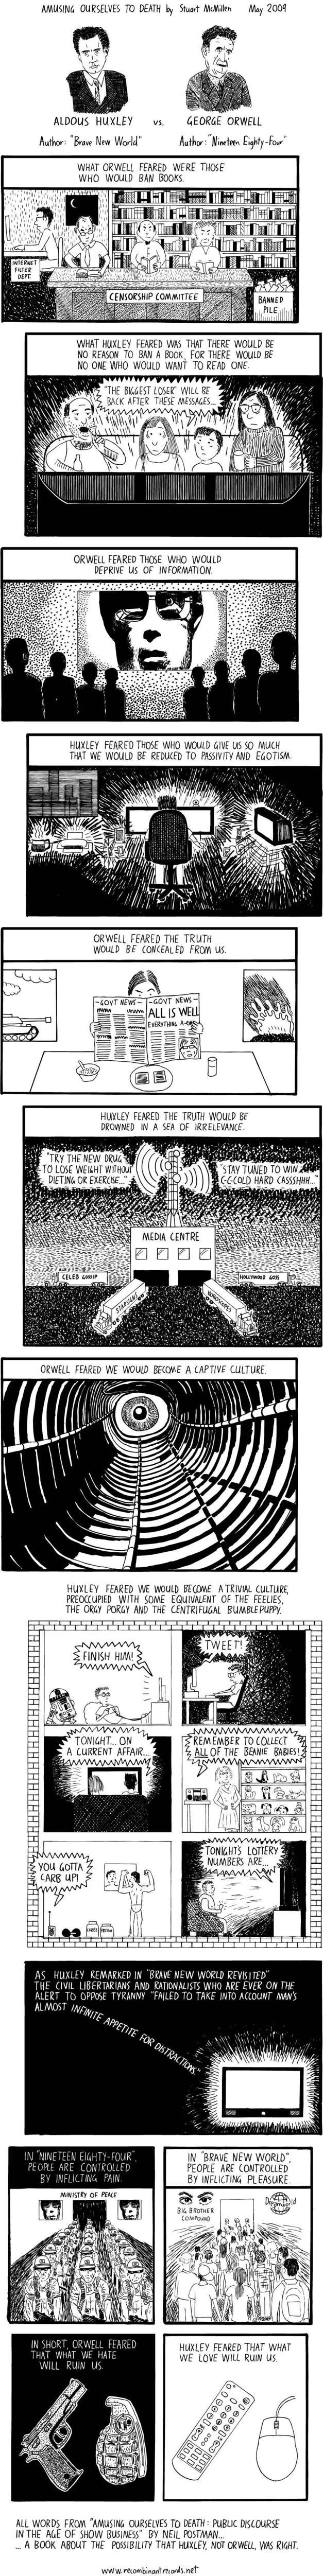 Huxley vs Orwell